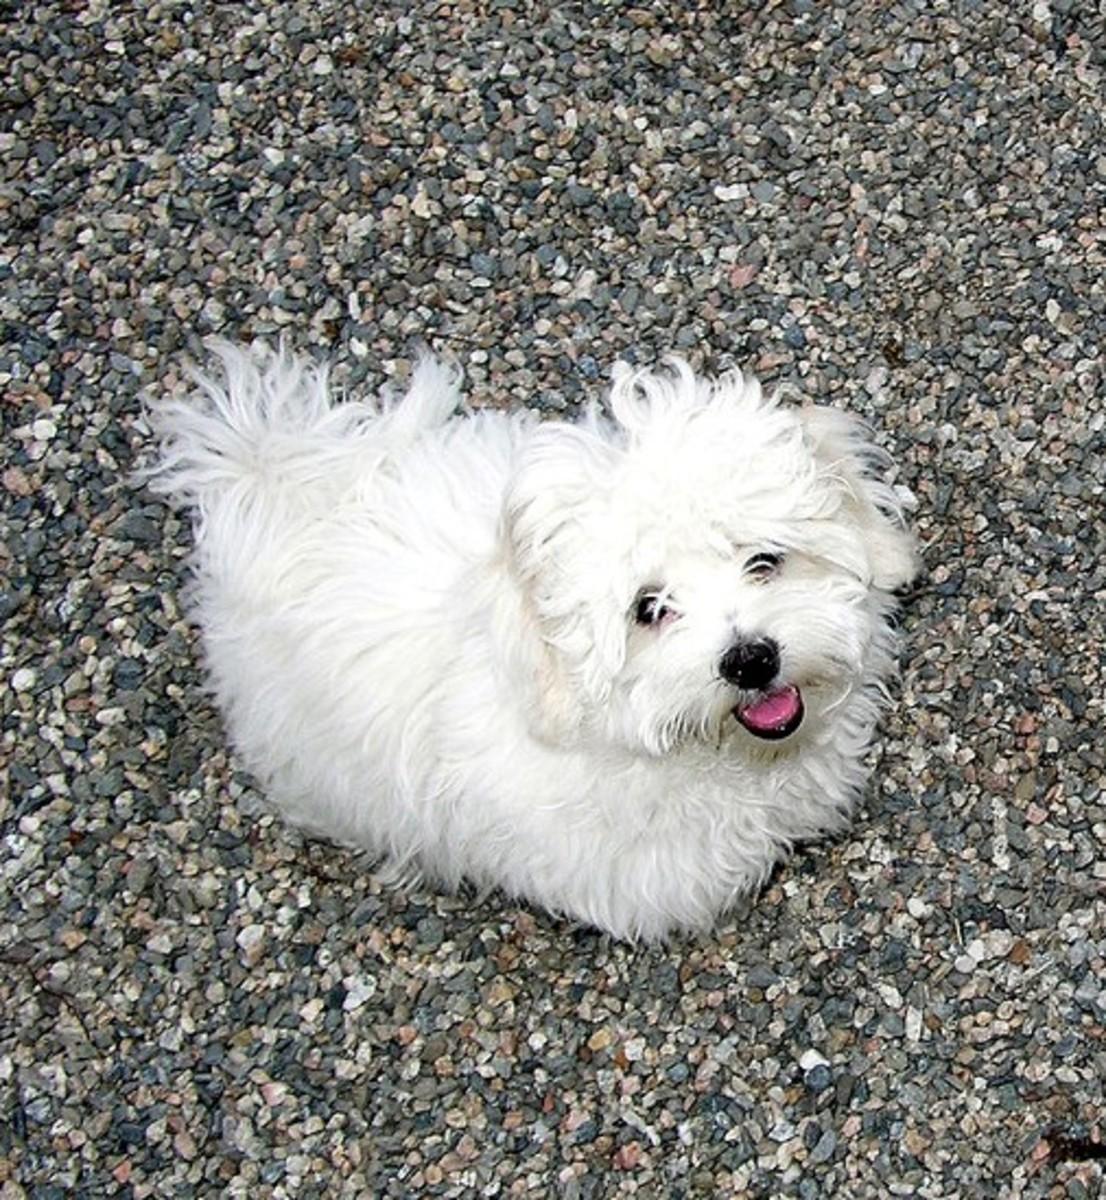 A young Coton de Tuléar dog.